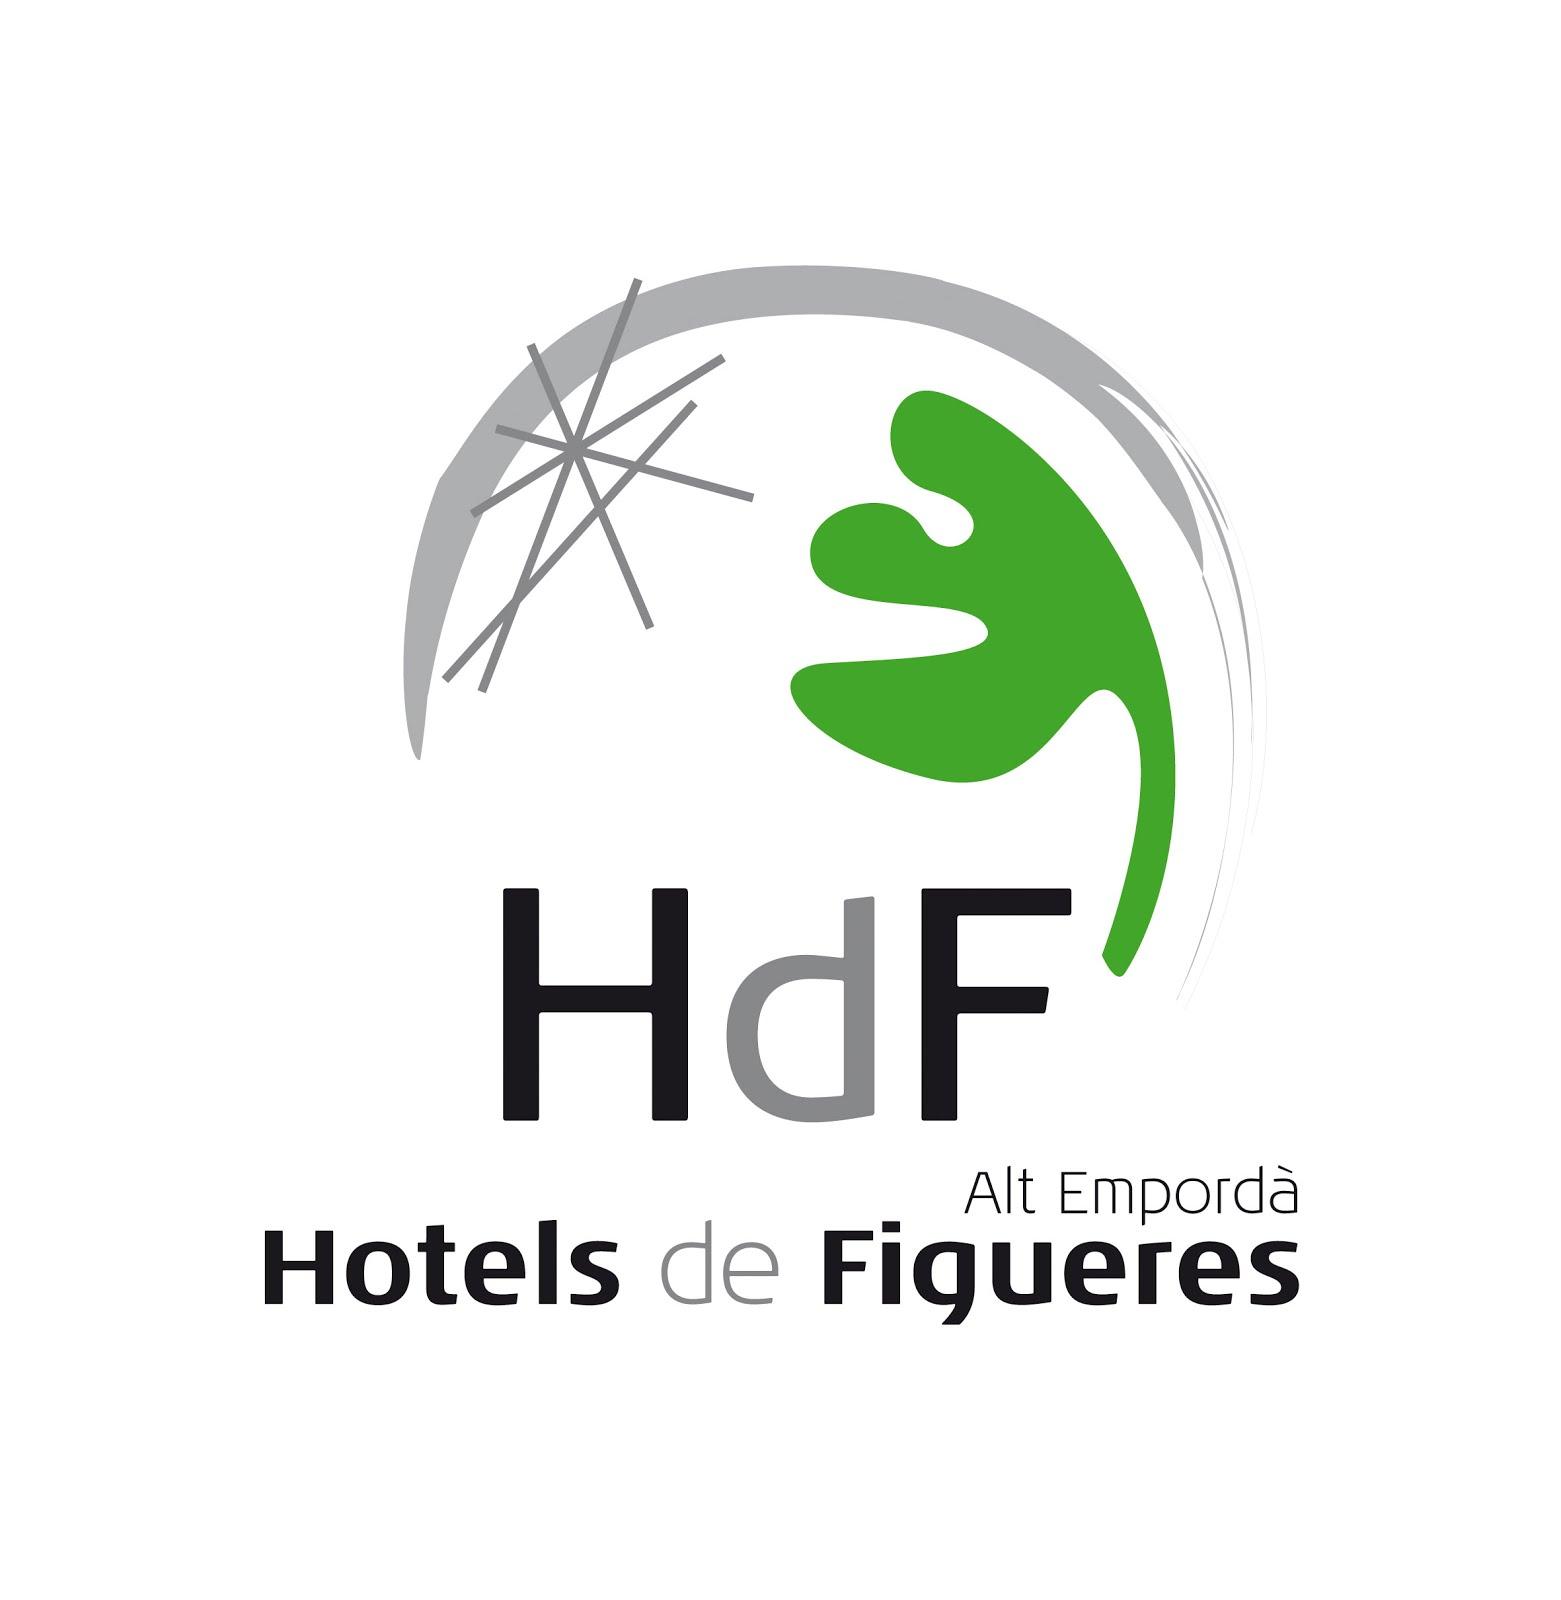 Hotels de Figueres